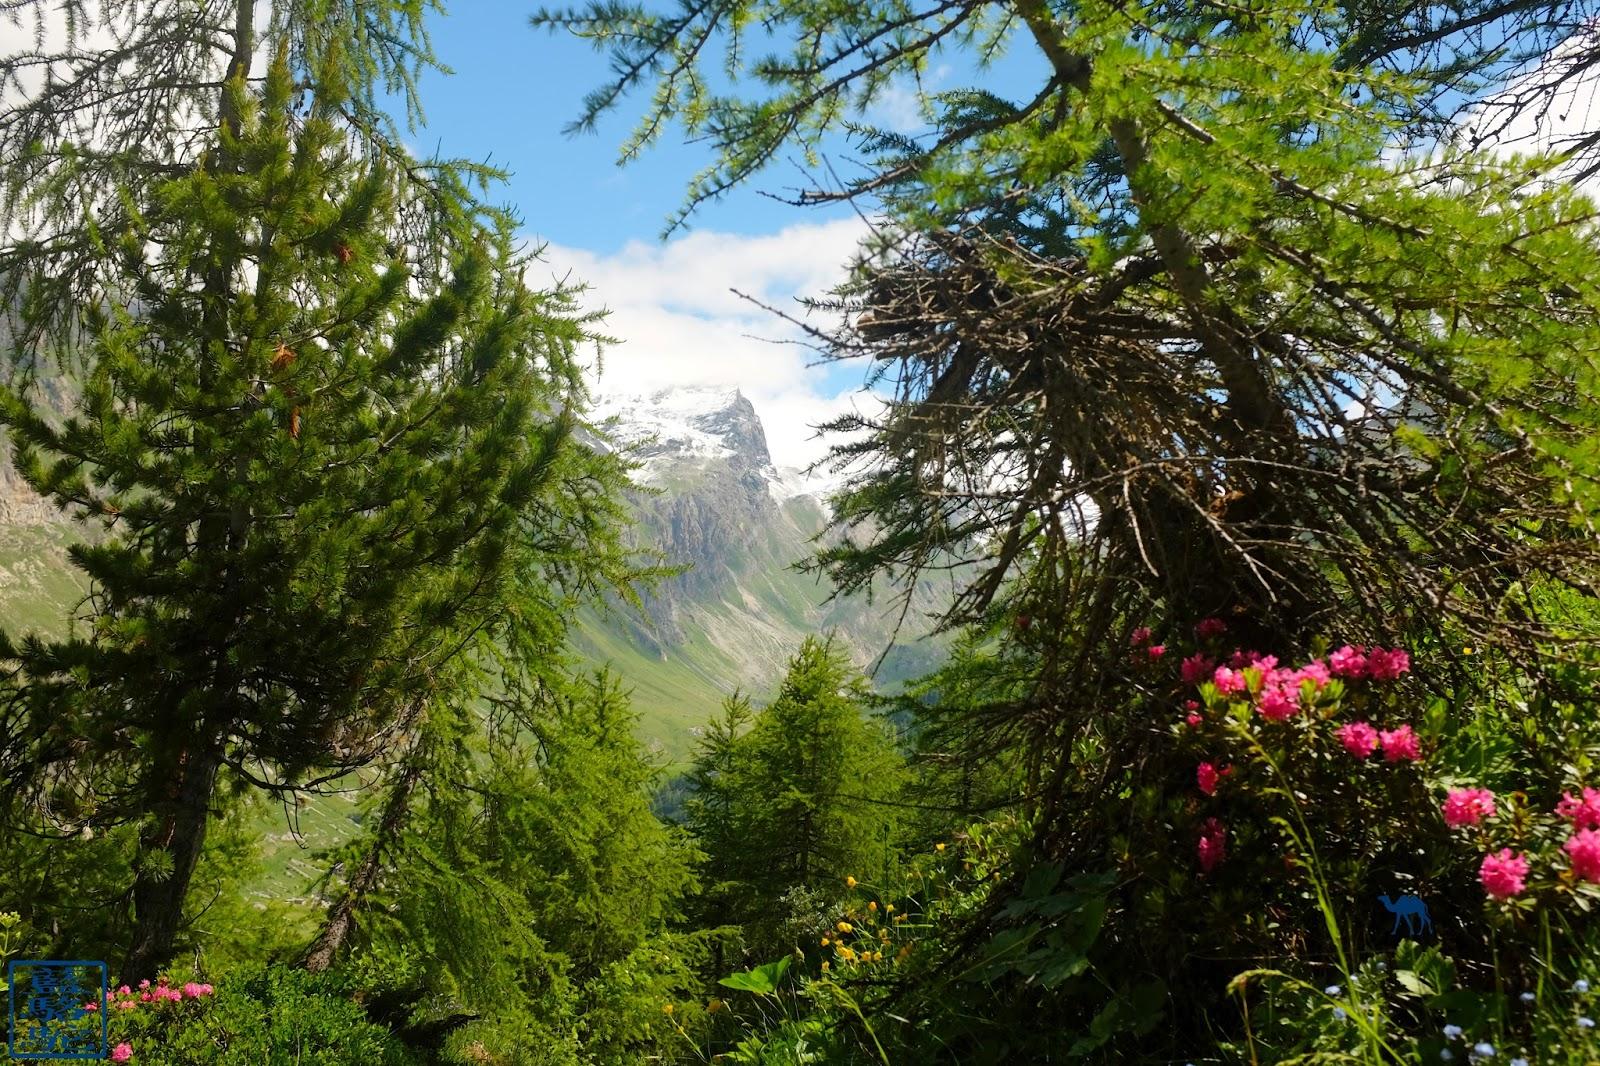 Le Chameau Bleu - Blog Voyage Val d'Isère - Val d'Isère - Randonnée en Montagne France